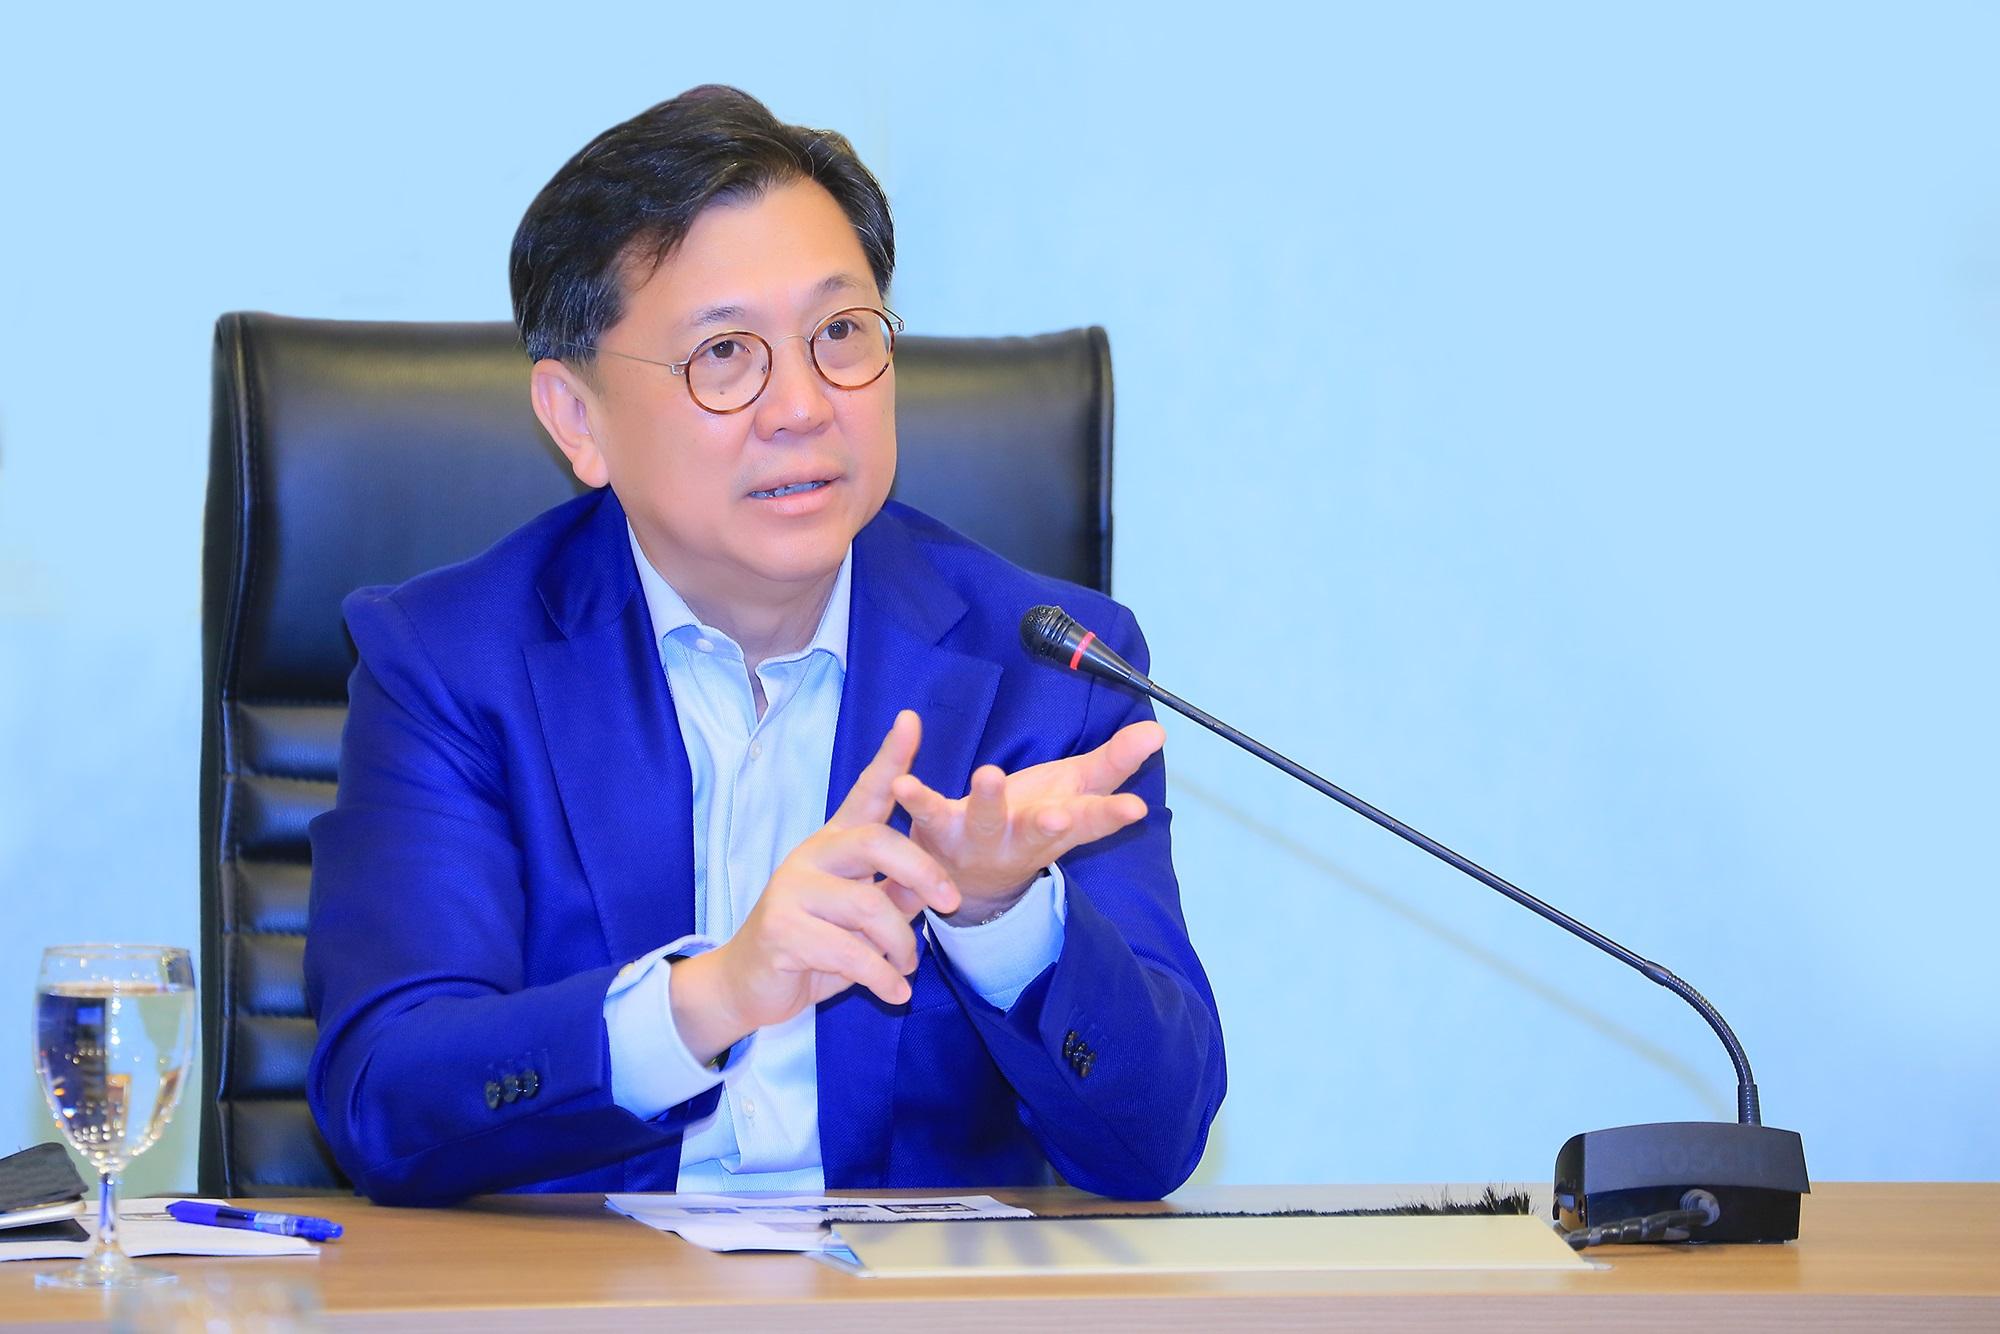 ทช.จัดประชุมสรุปการเตรียมการสำหรับการจัดประชุมรัฐมนตรีอาเซียนสมัยพิเศษด้านขยะทะเล